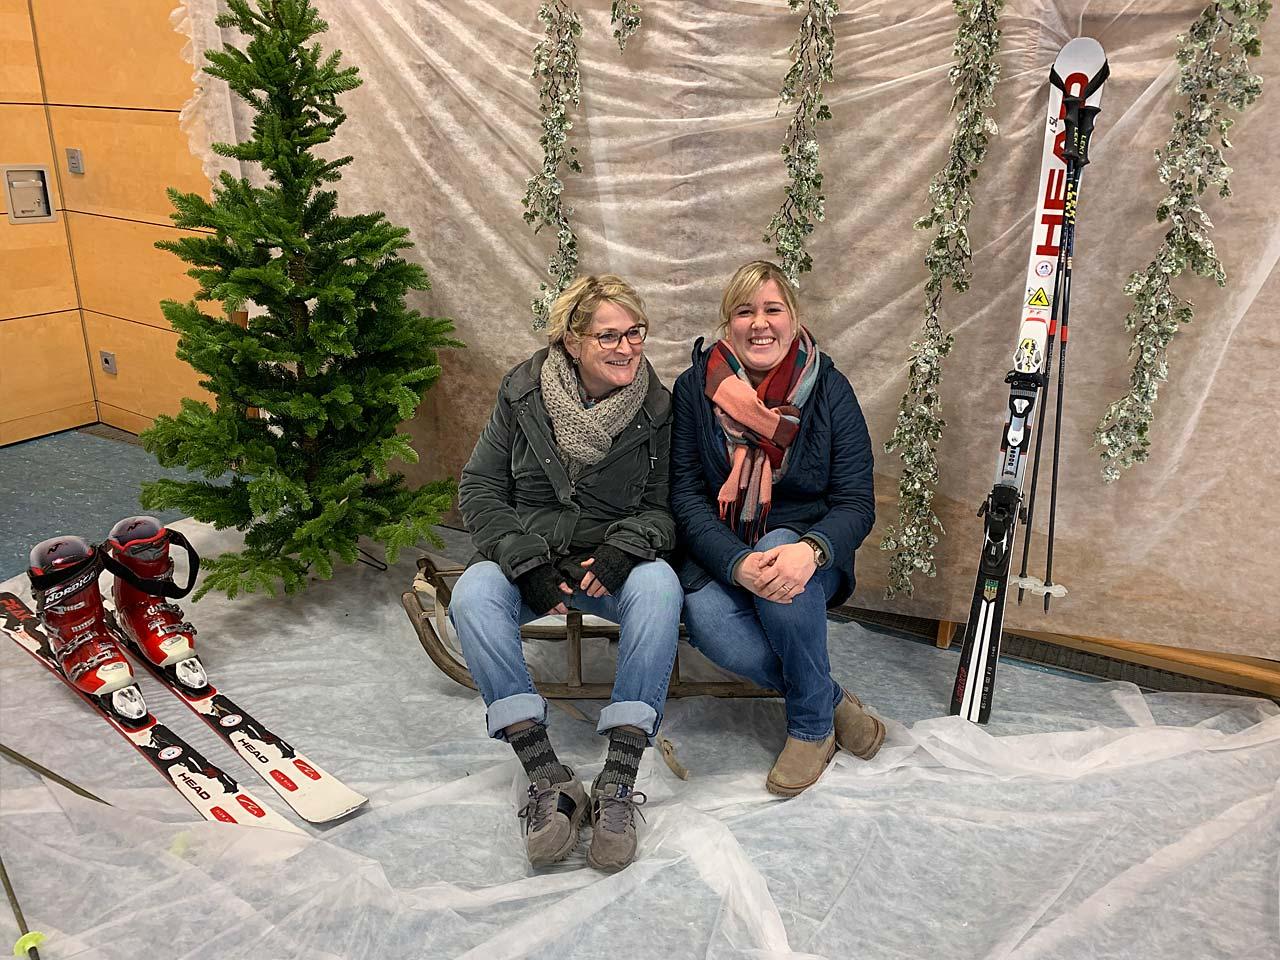 Sportliches Fotoshooting mit Schlitten und Skiern